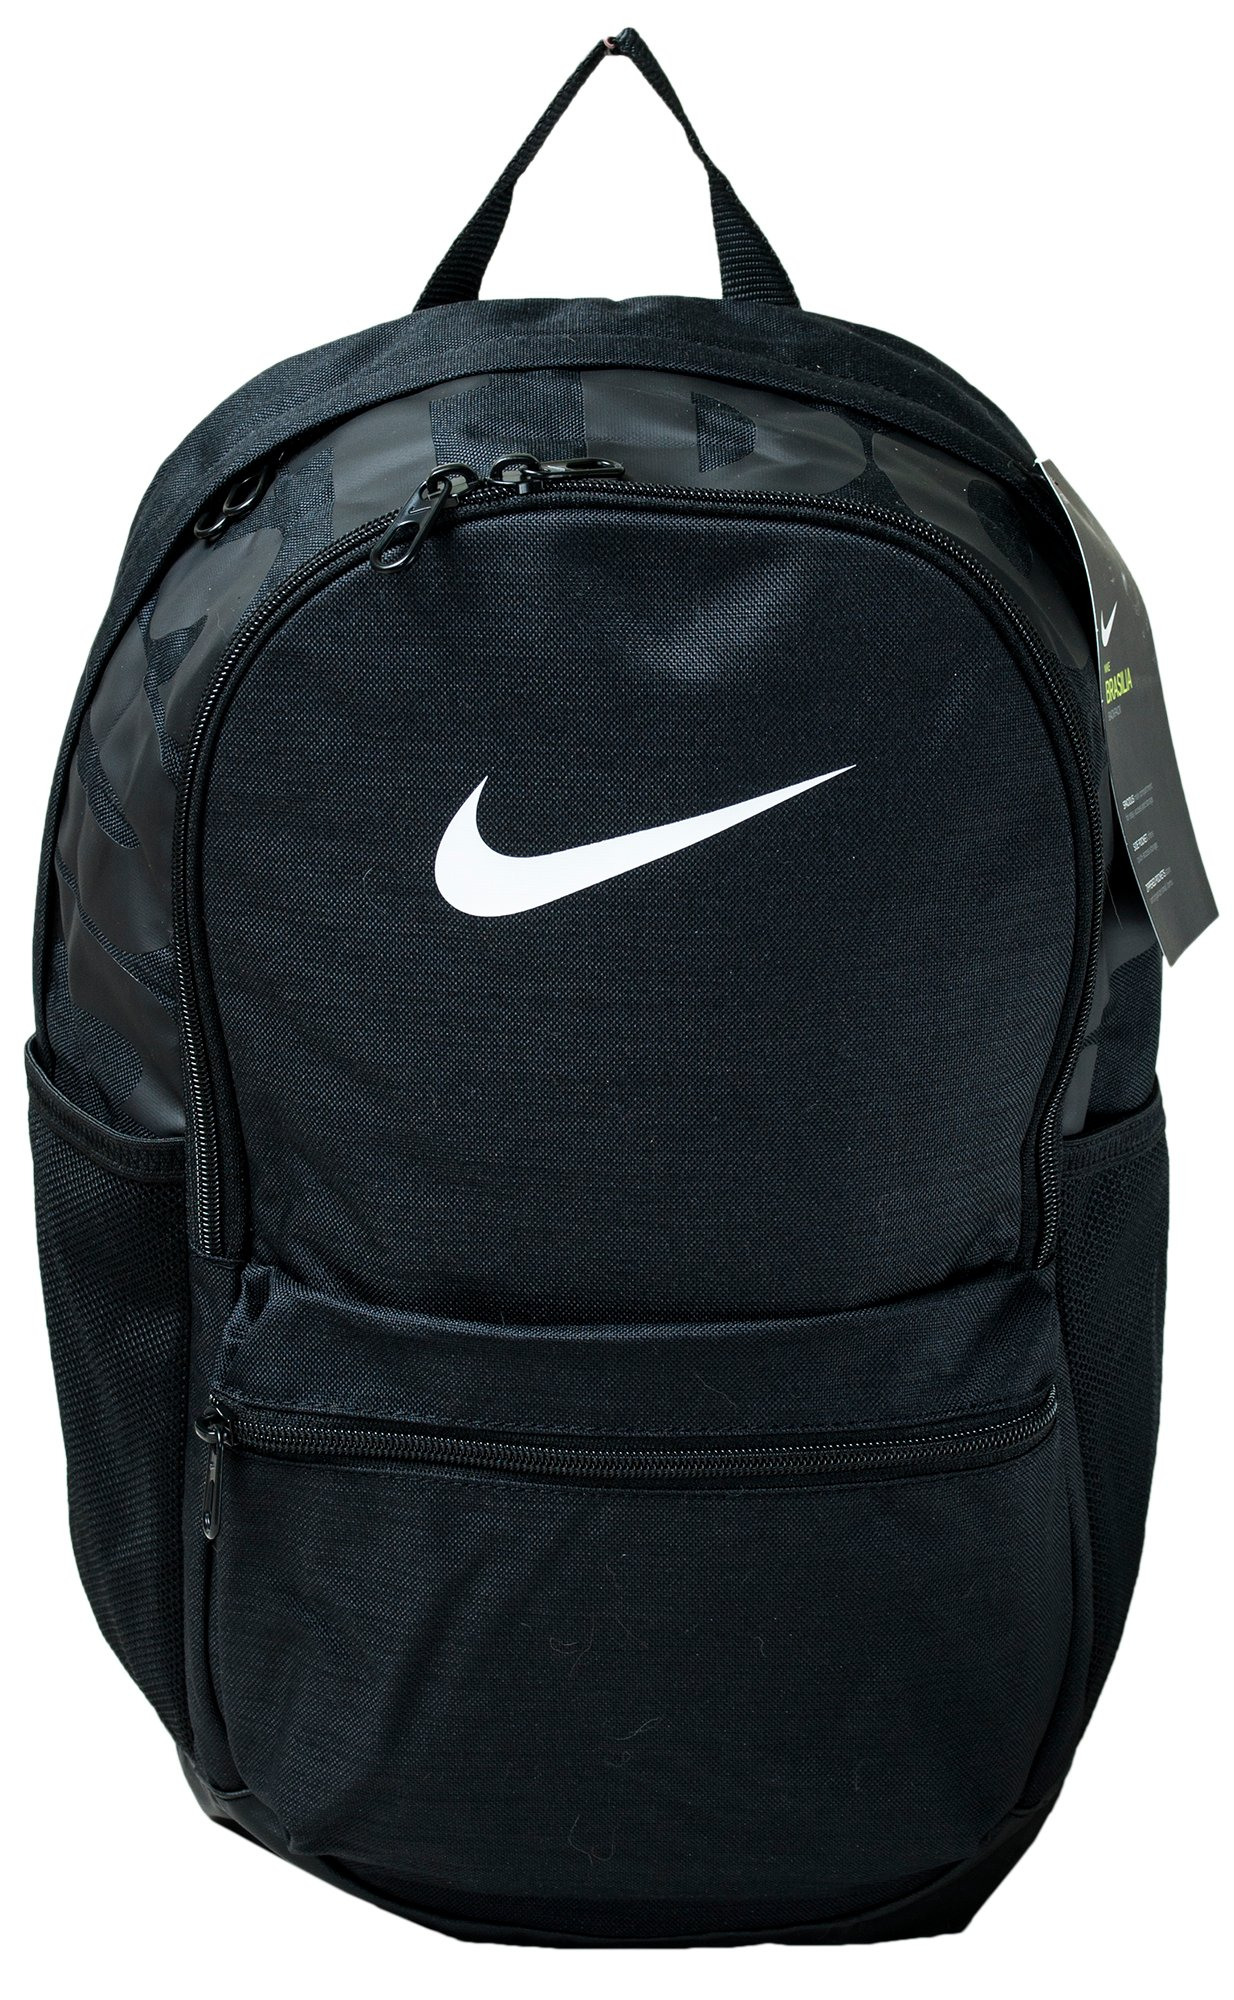 5f20254a00c11 Nike Świetny Plecak Szkolny Sportowy Trwały